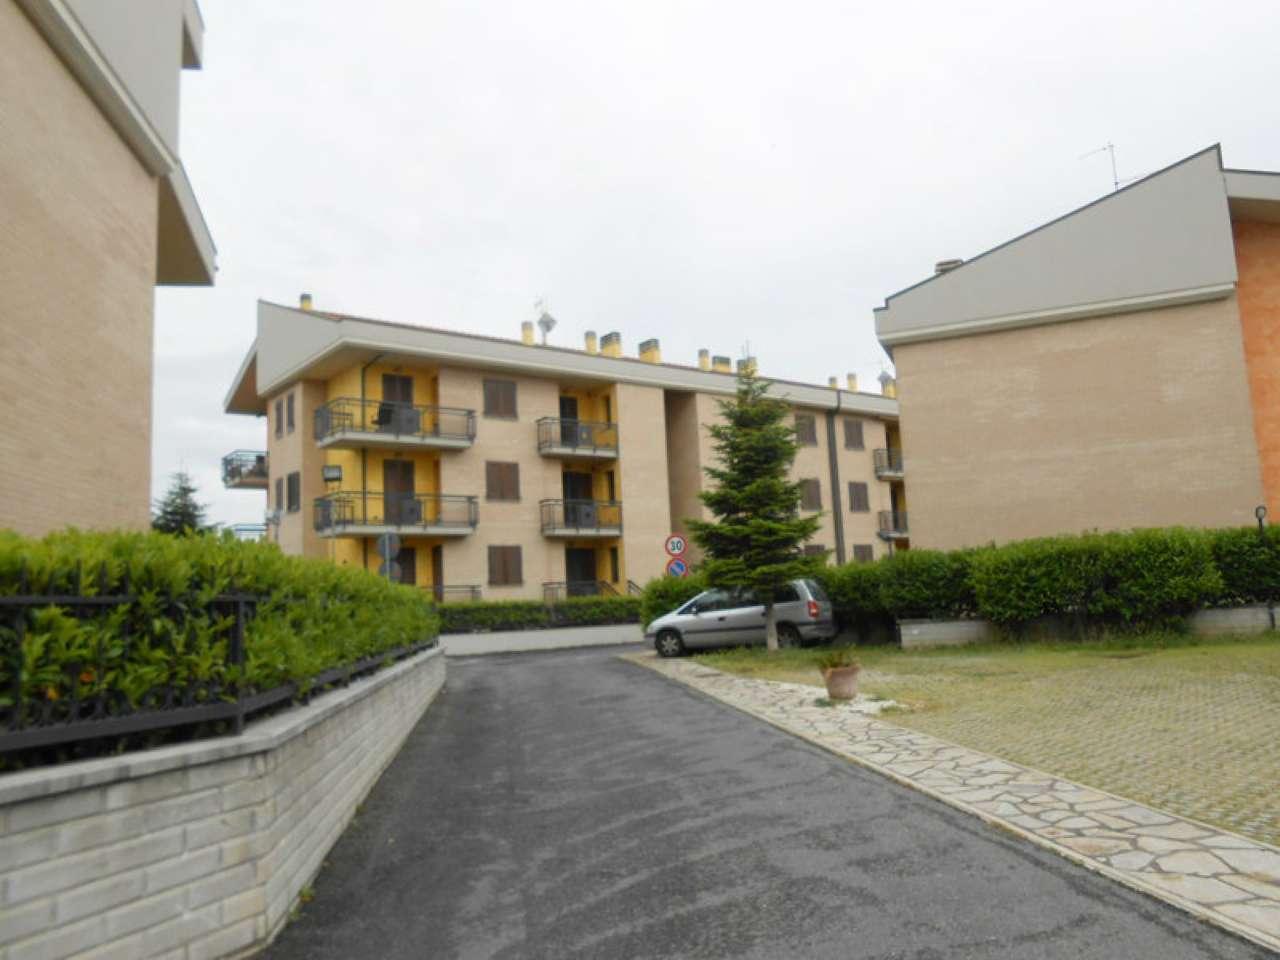 Appartamenti quadrilocali in affitto a roma Appartamenti arredati in affitto a roma